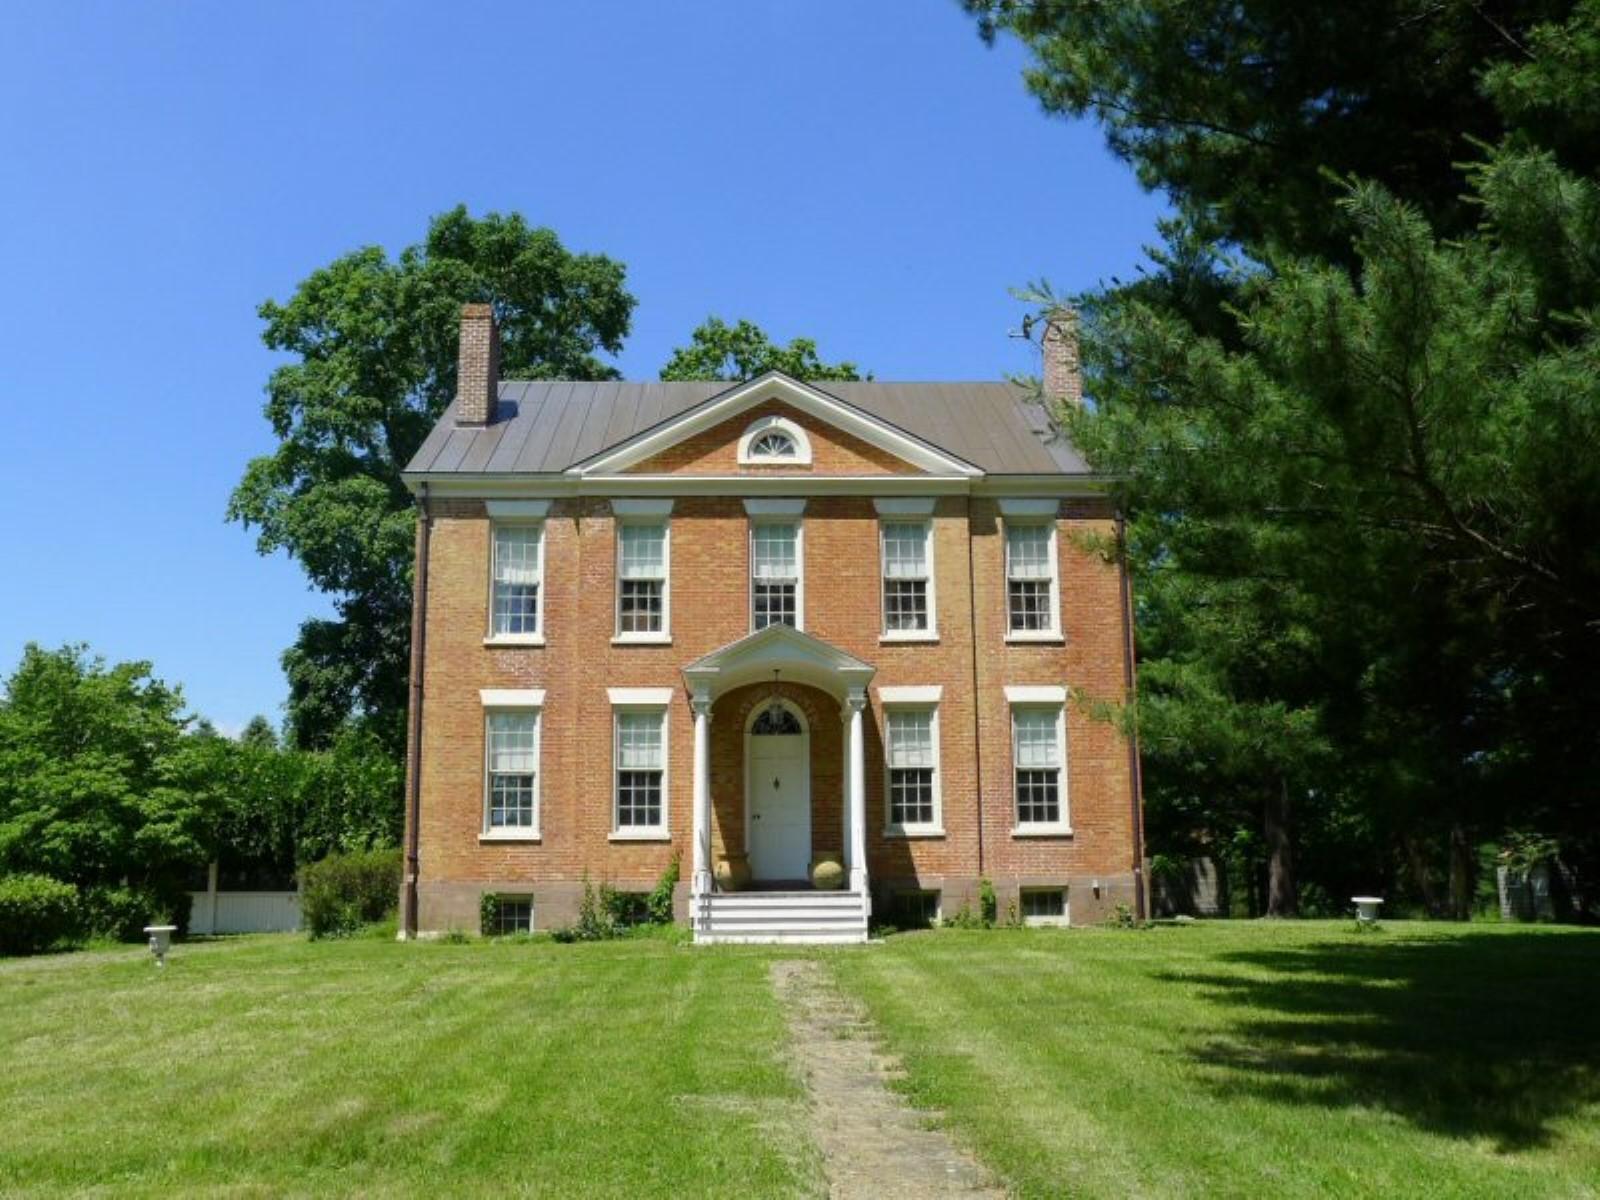 Tek Ailelik Ev için Satış at Richmond Hill 1380 County Route 31 Livingston, New York, 12525 Amerika Birleşik Devletleri